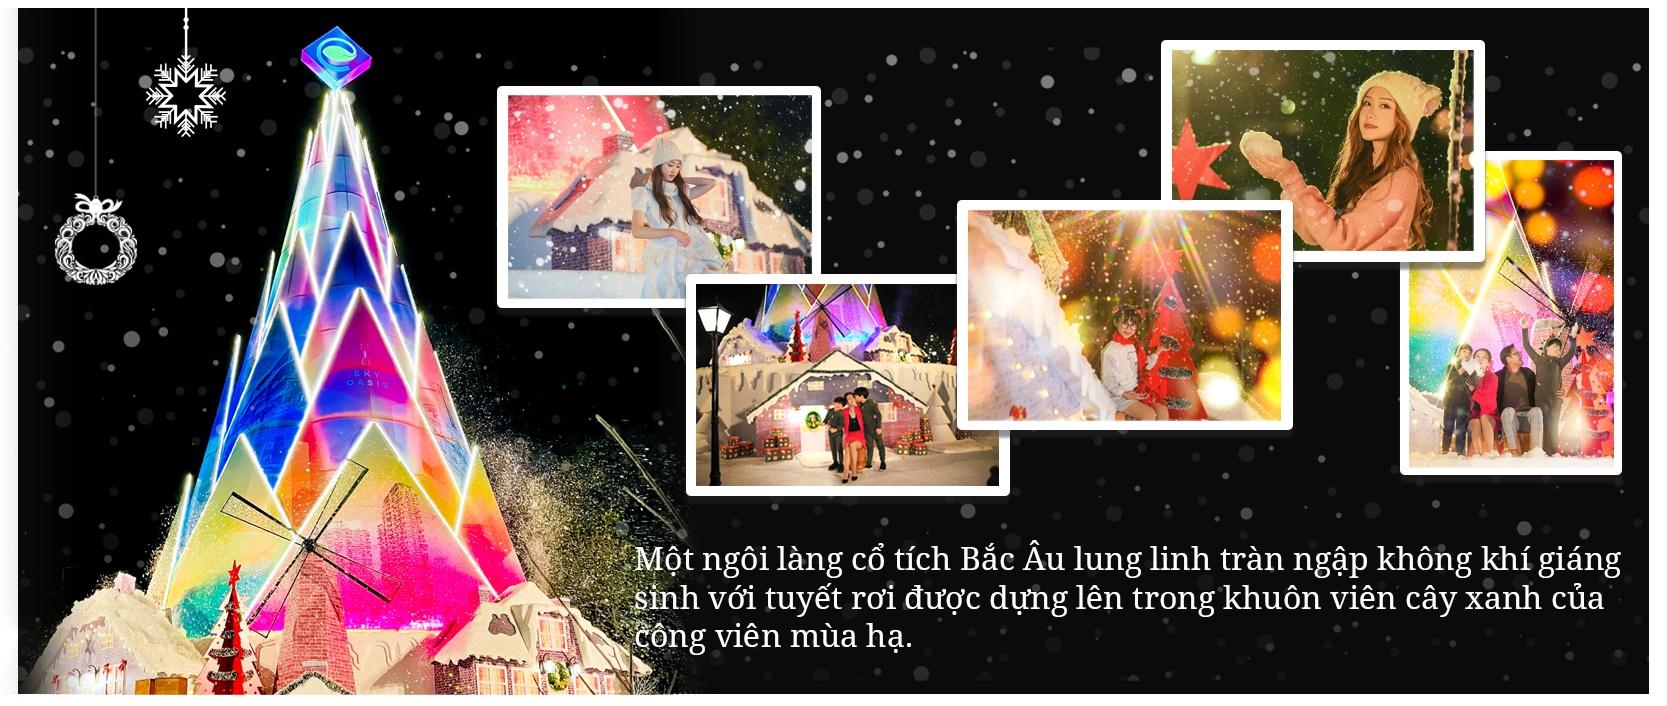 Giáng sinh tuyết trắng cùng búp măng Noel cao nhất Việt Nam tại Ecopark - 2